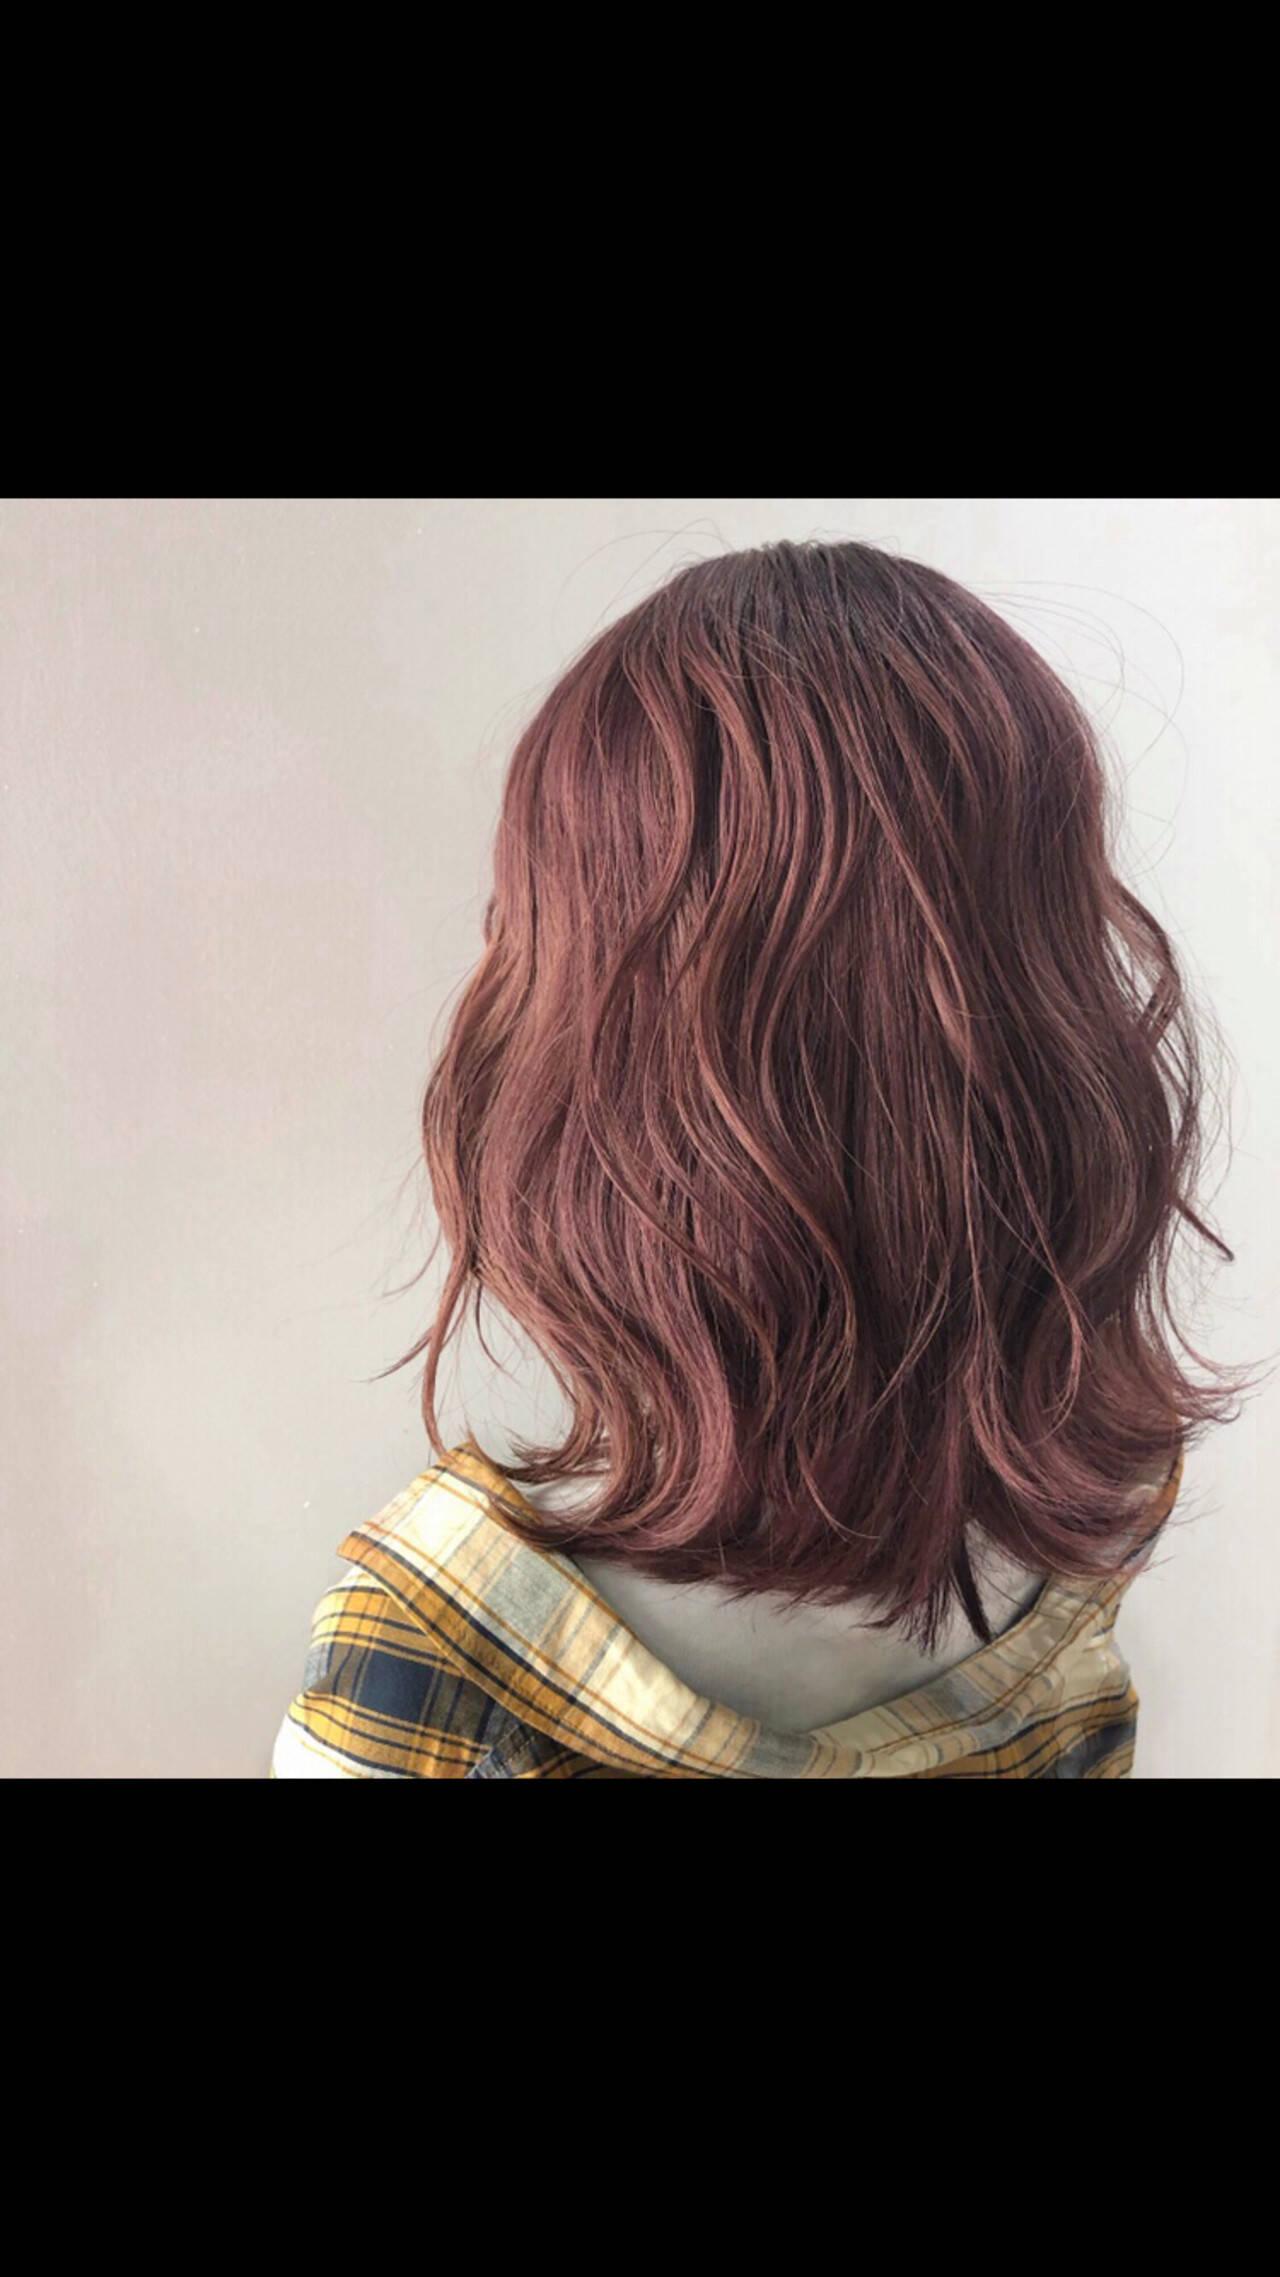 チェリーピンク ピンクベージュ ピンク ラベンダーピンクヘアスタイルや髪型の写真・画像